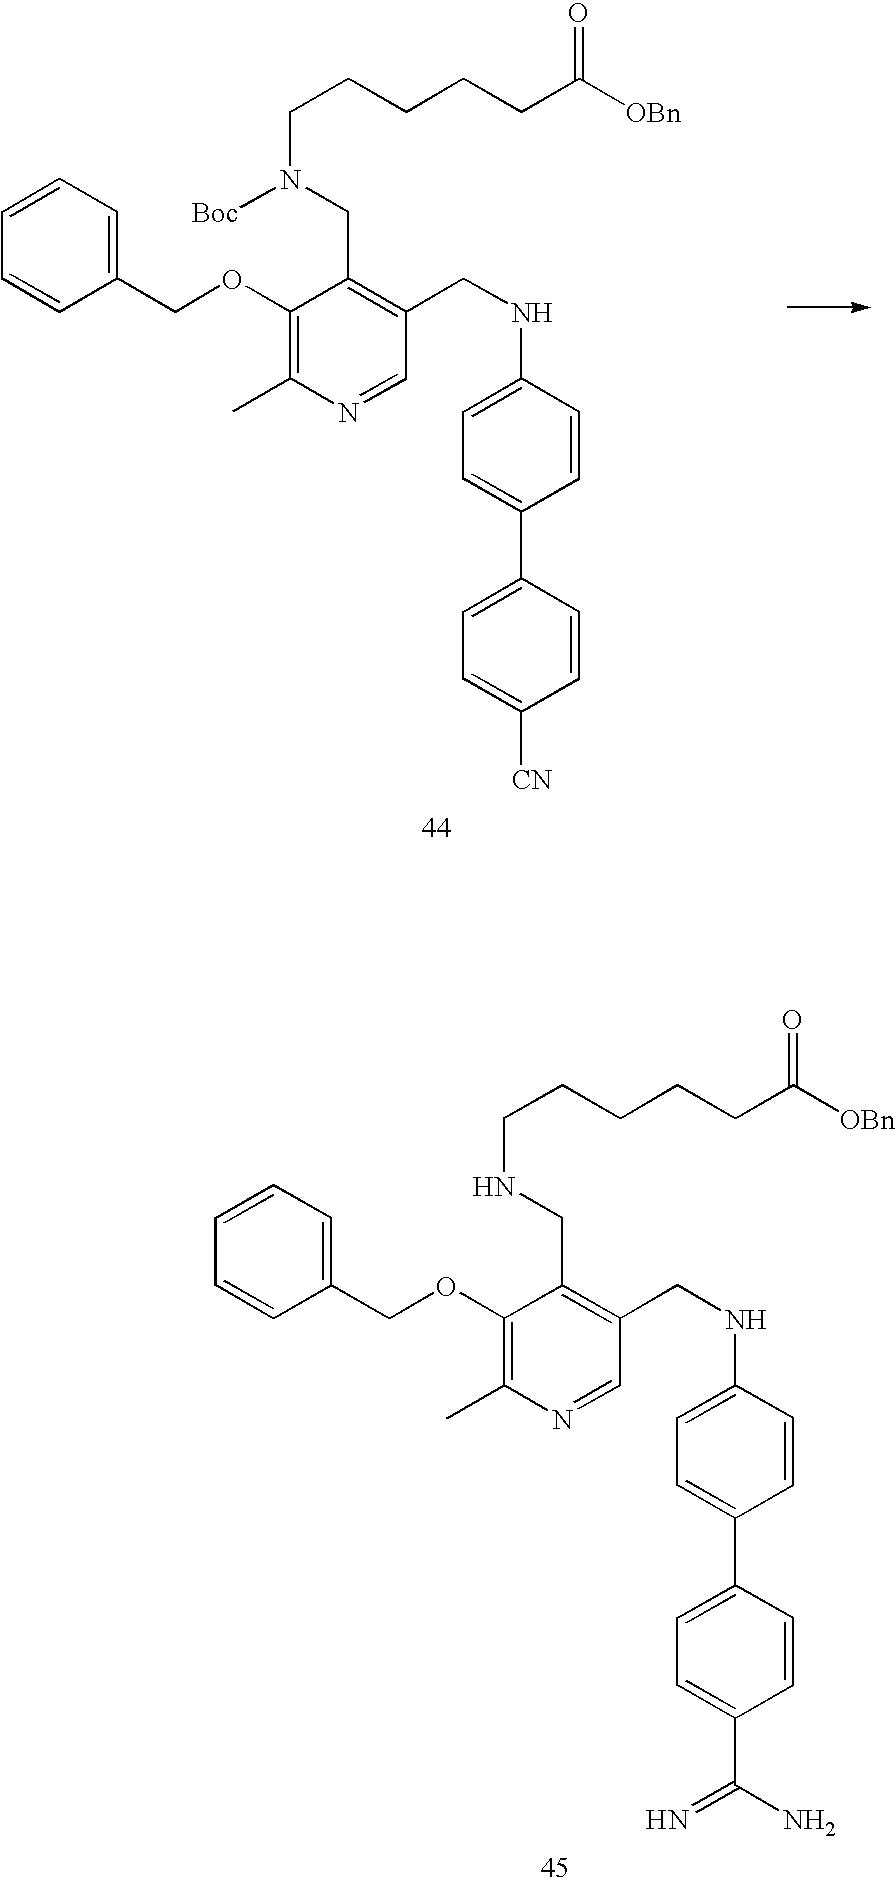 Figure US20060094761A1-20060504-C00074